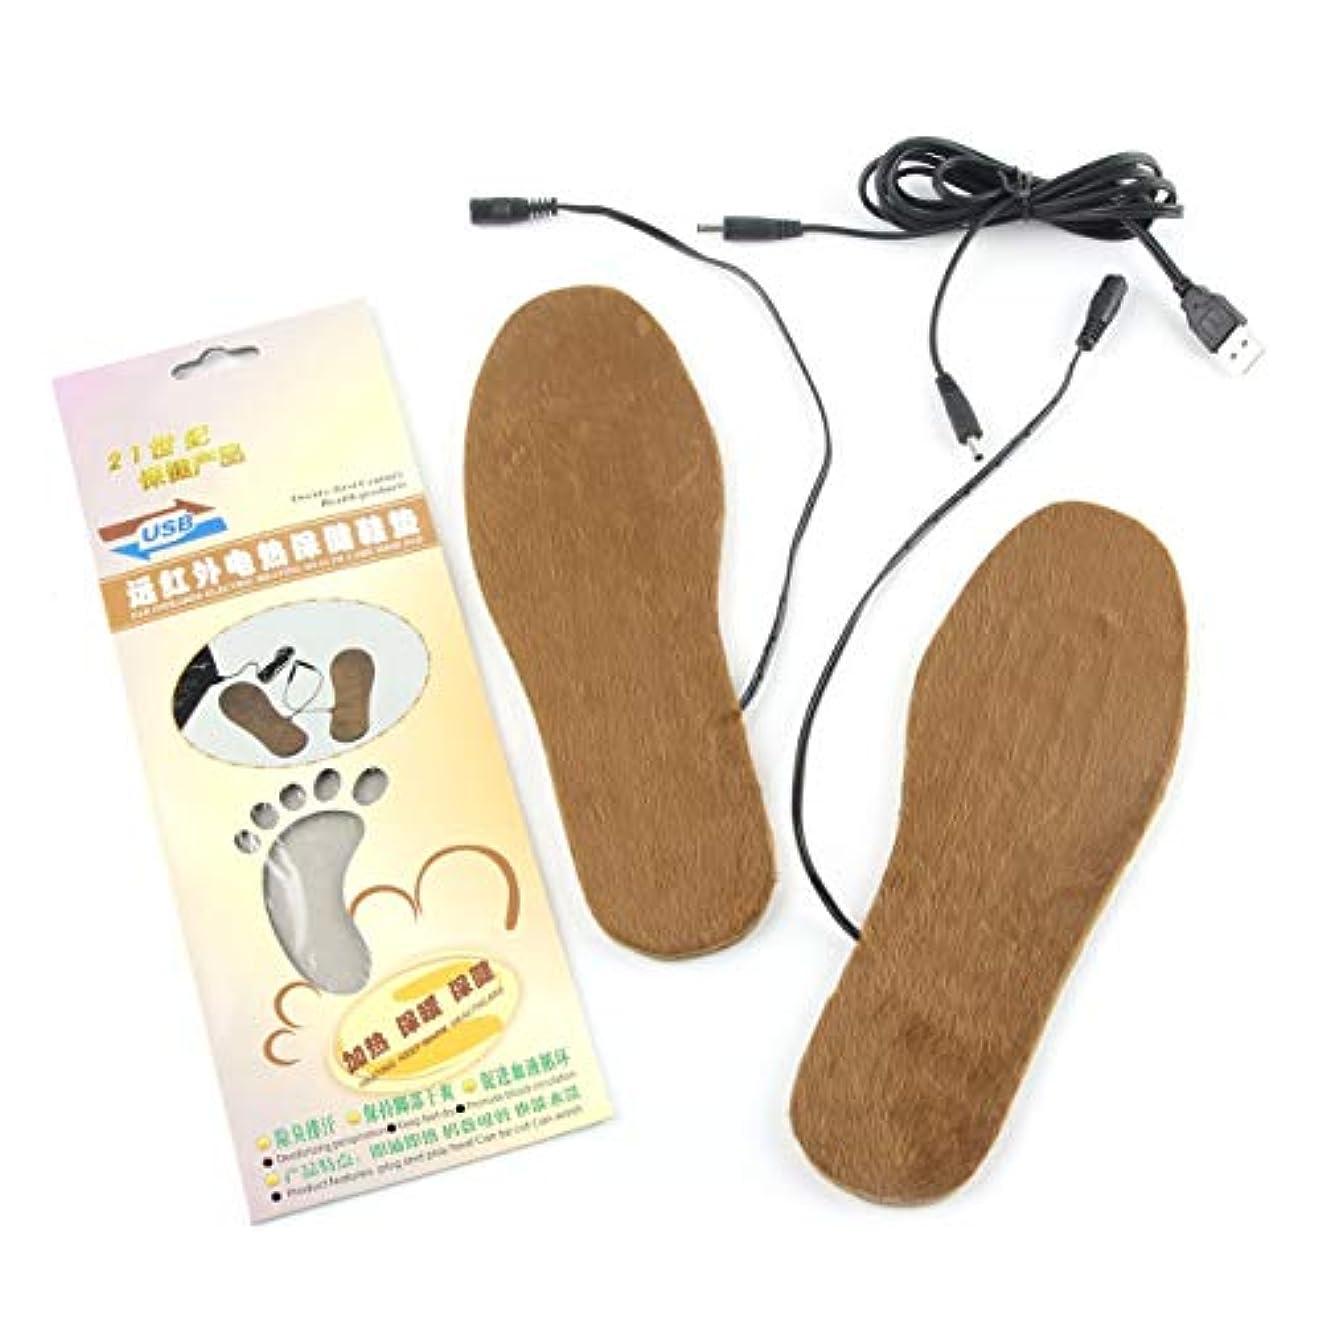 事実上優しいバイオリンSaikogoods 1ペア切断可能冬のブーツインソールUSB温水フットウォーマーソフトシューズパッドクッション快適な靴のアクセサリー 淡い茶色 男性用